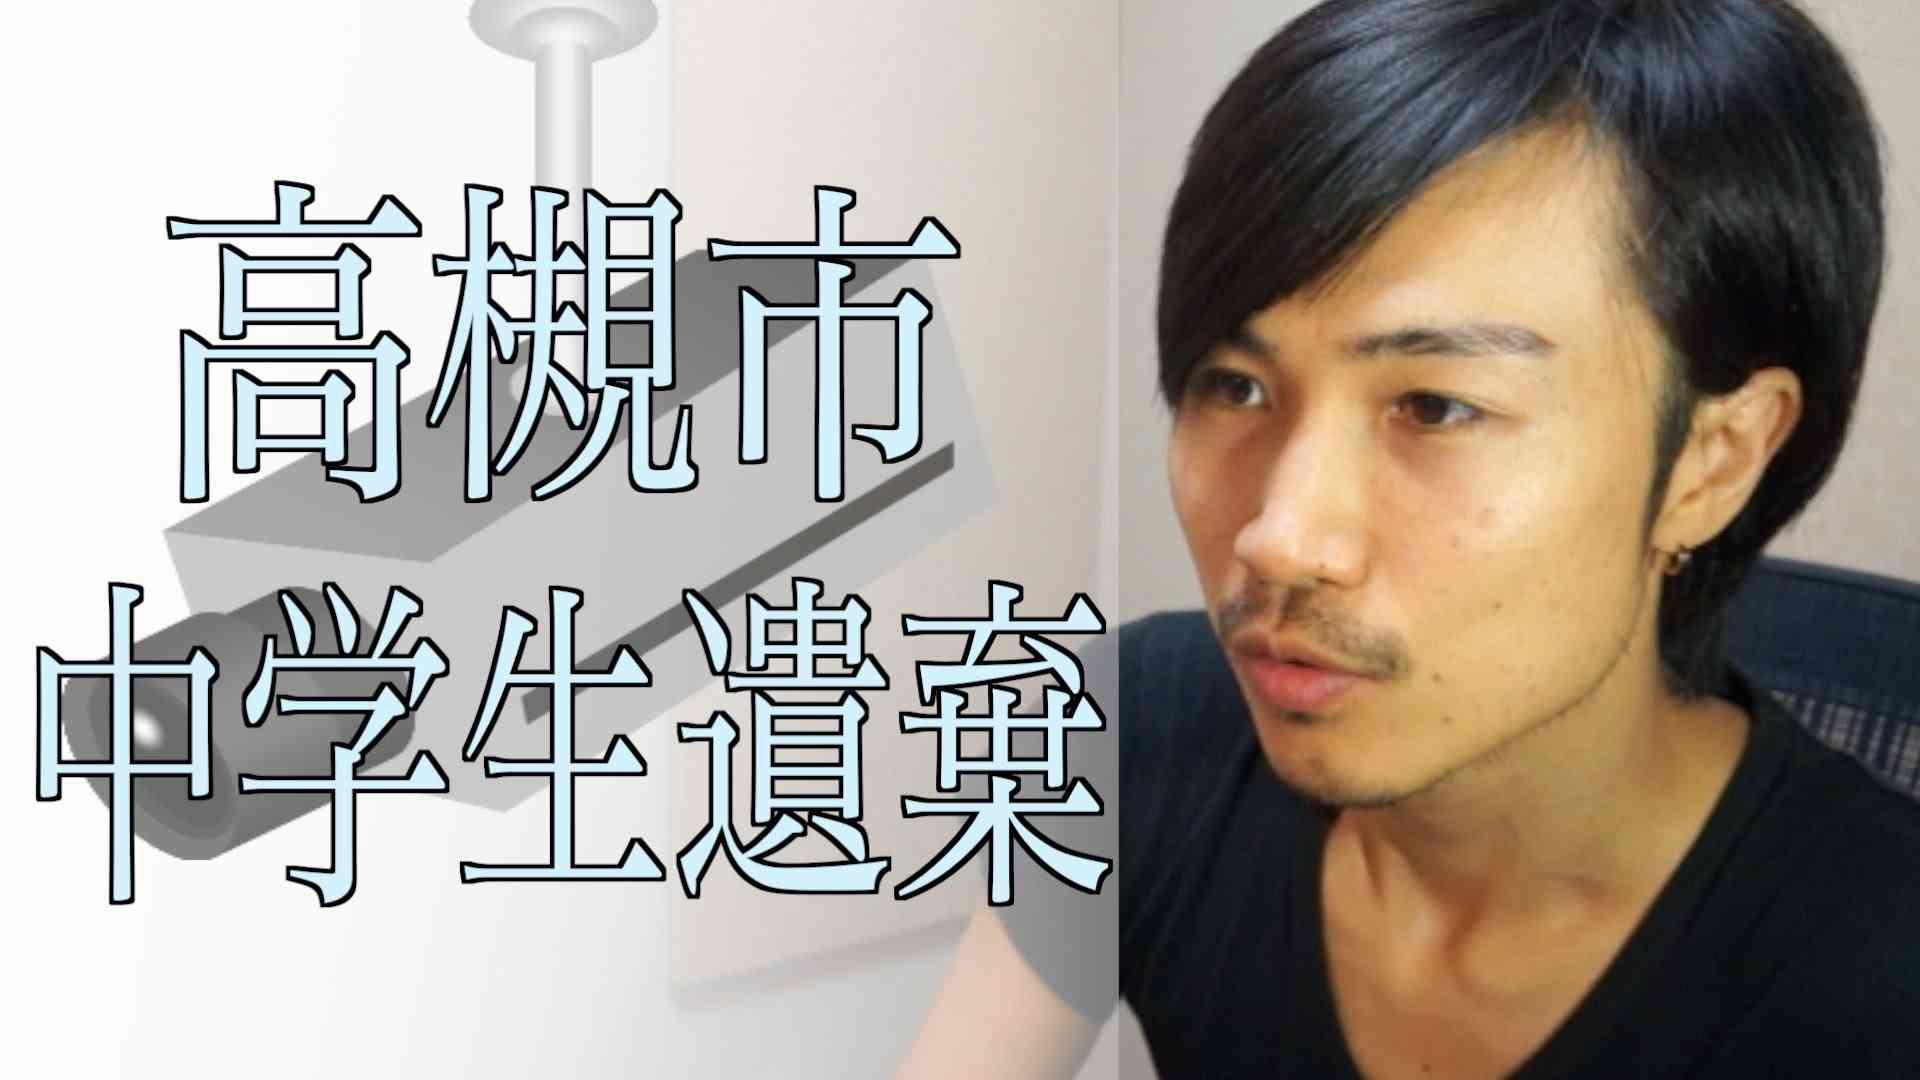 「大阪高槻市中一殺人事件」は、でっちあげ事件  vol.1 - YouTube